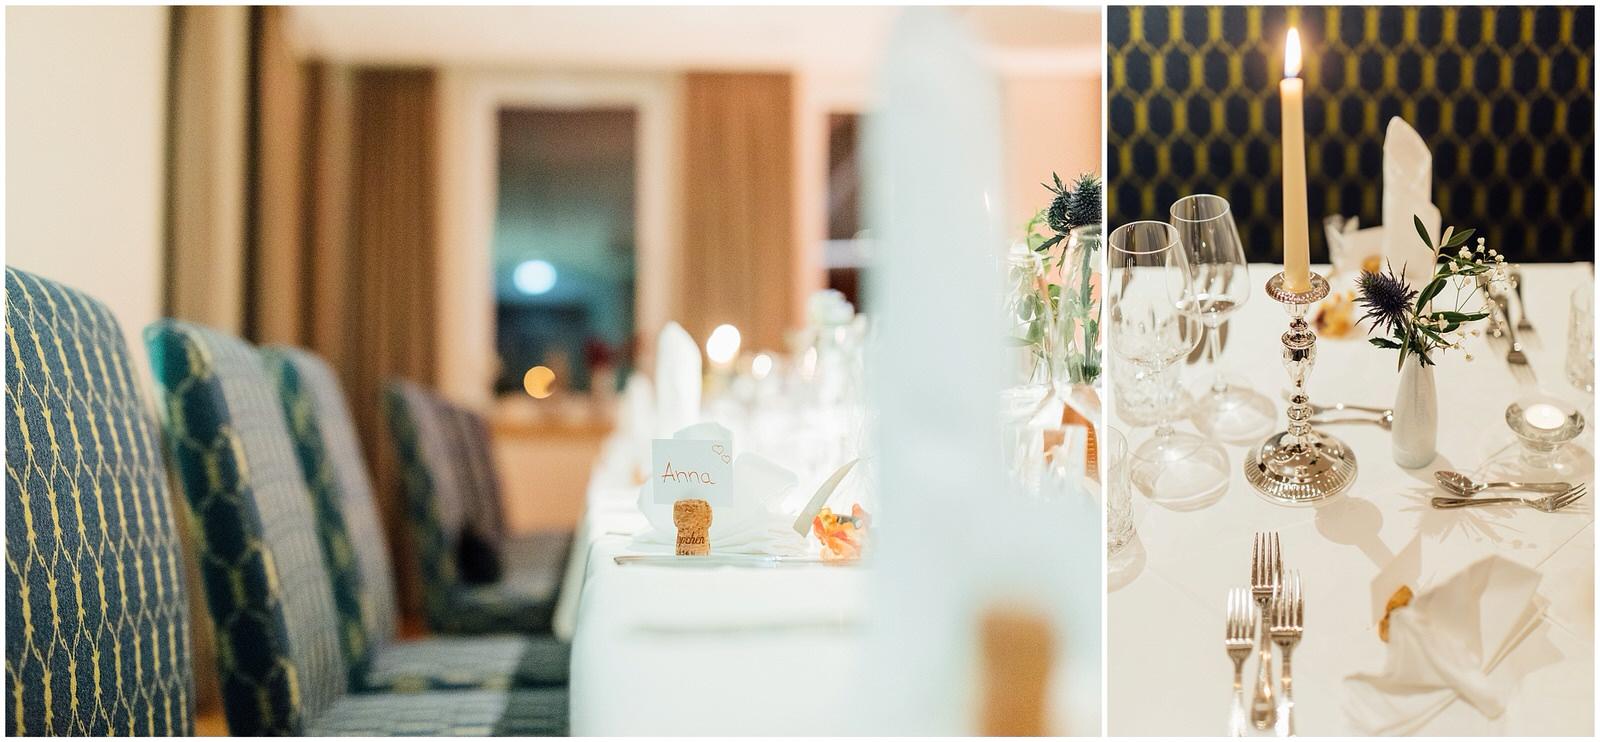 Hochzeitsfotograf_Rödental_Alte_Mühle_Alte_Orangerie_Schloss_Rosenau_100227259.JPG